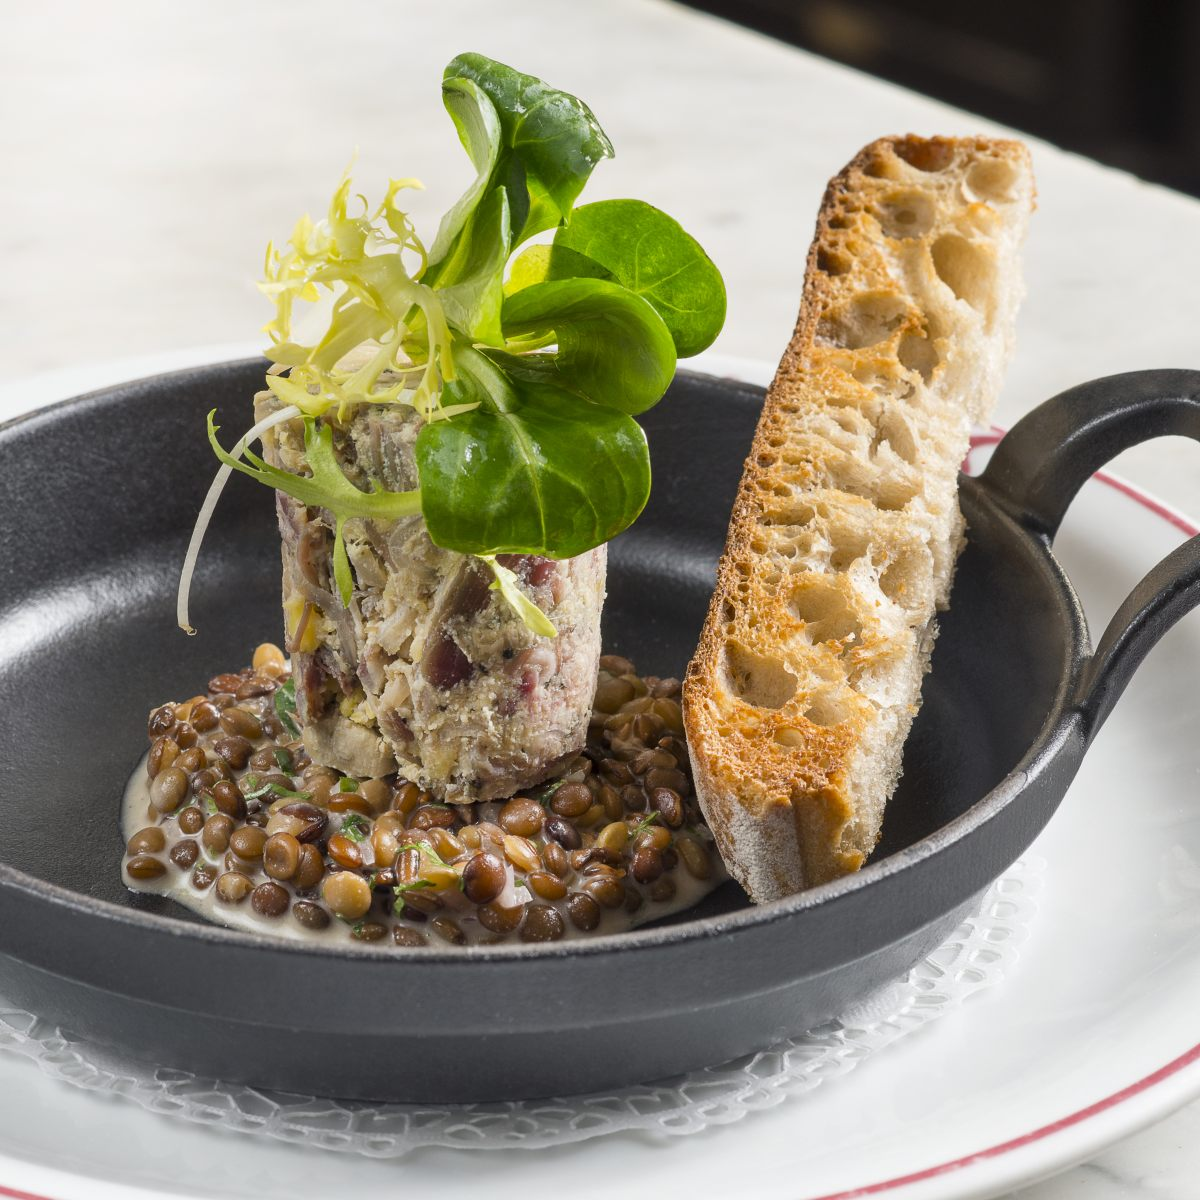 Rillettes de jarrets de cochon confit et foie gras